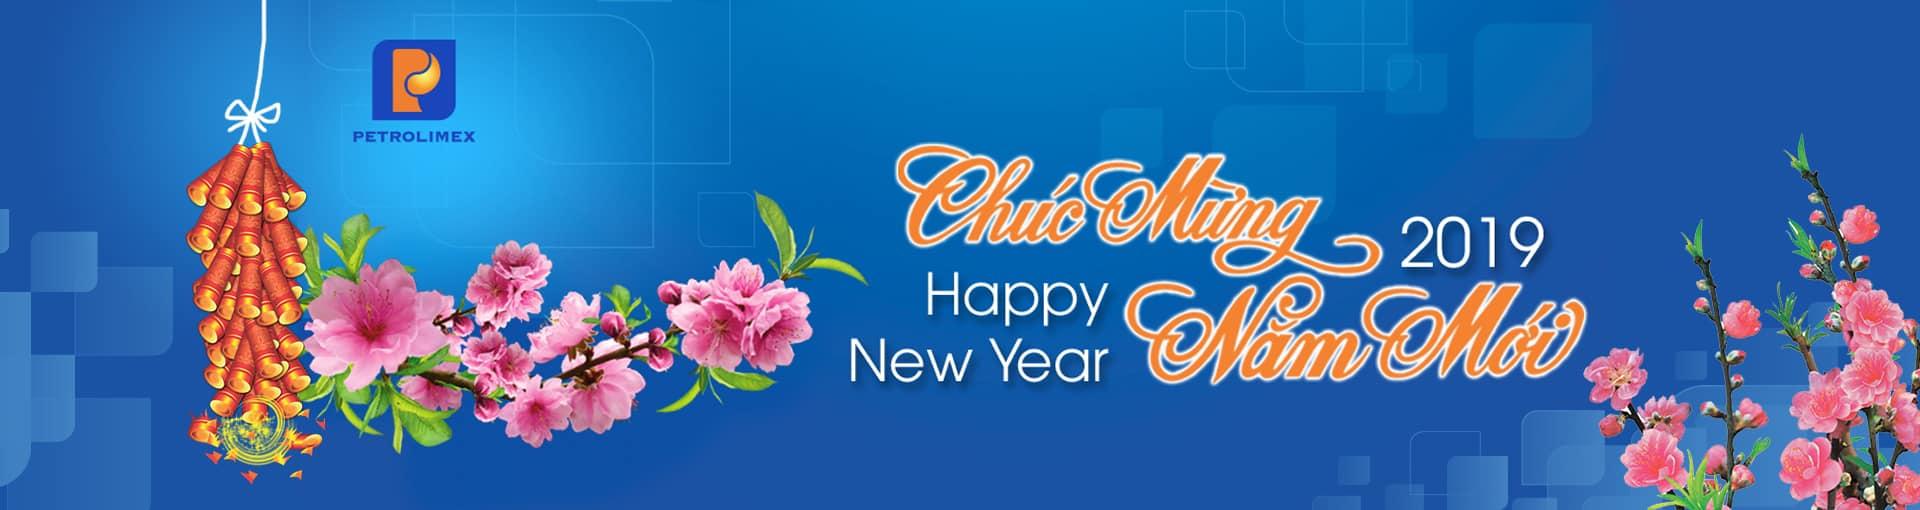 Chúc mừng năm mới Pjico 2019